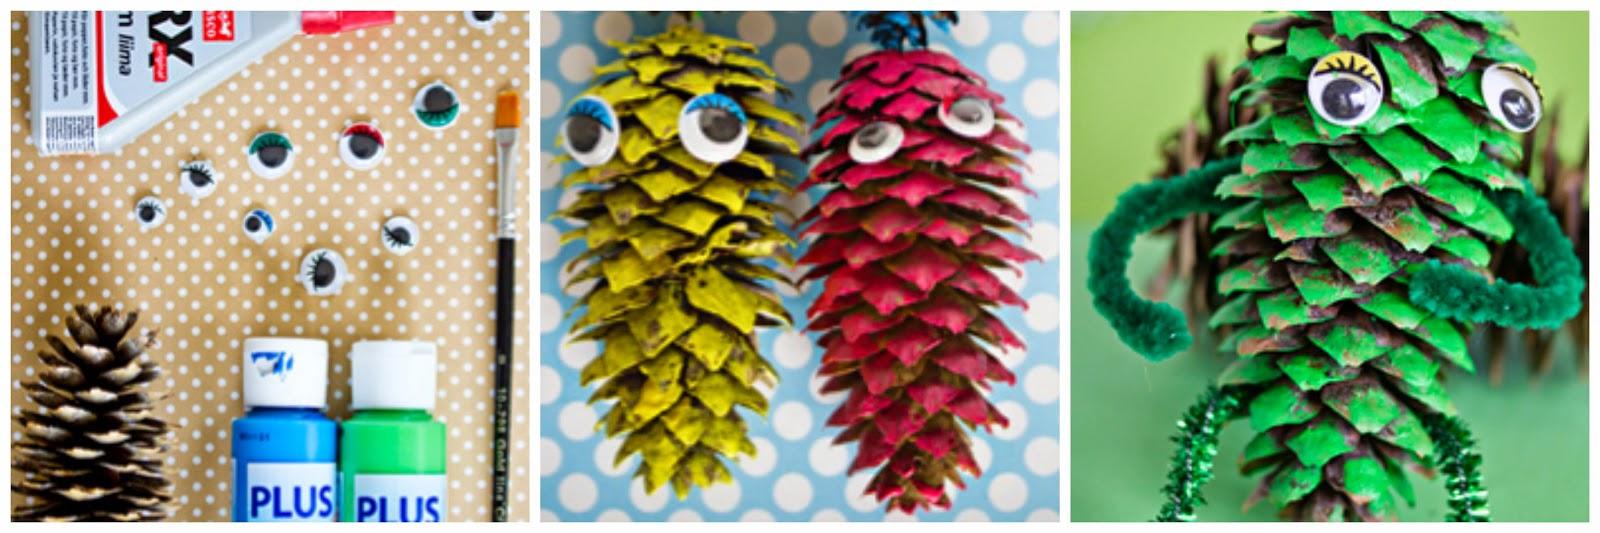 Hilito hilito for Manualidades navidad con pinas